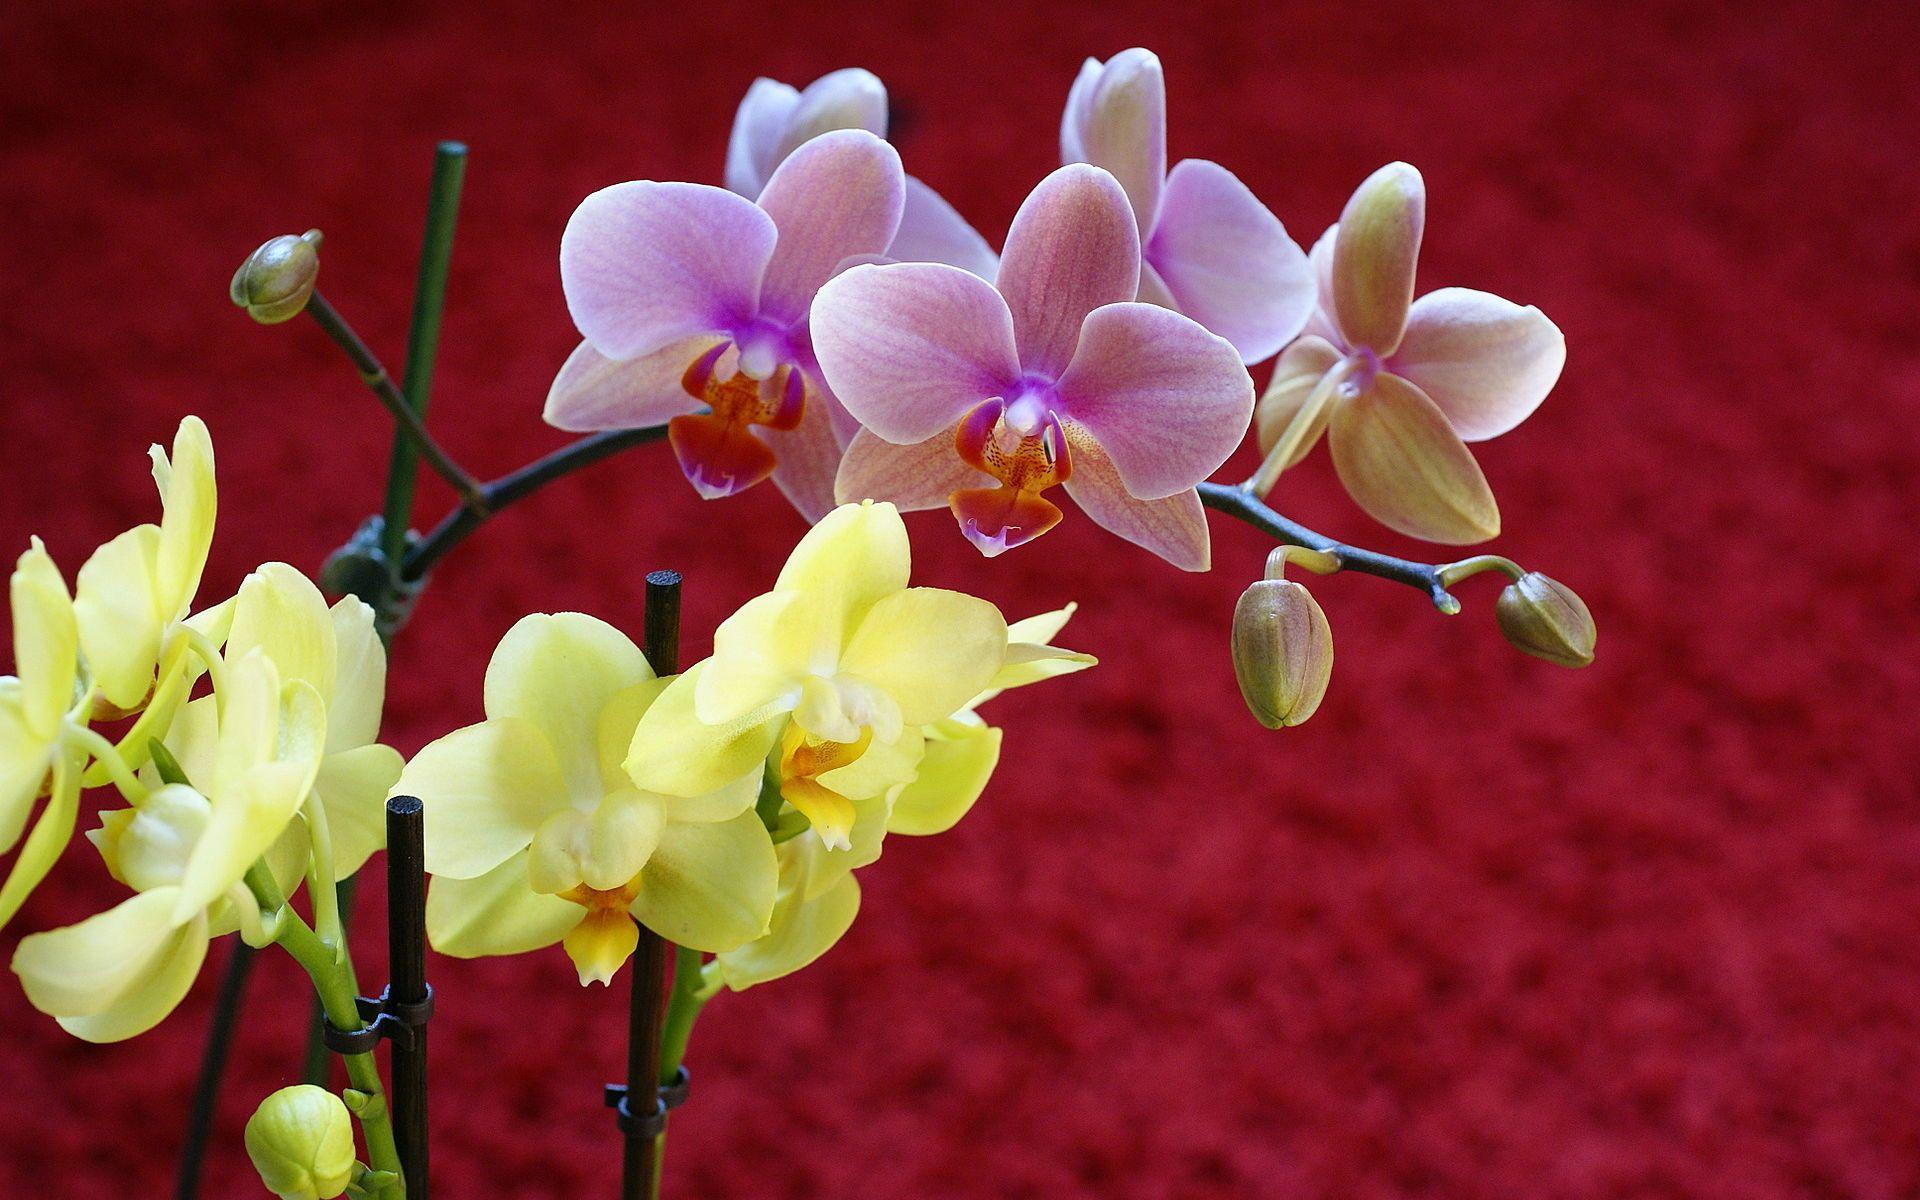 xem ảnh hoa lan đẹp